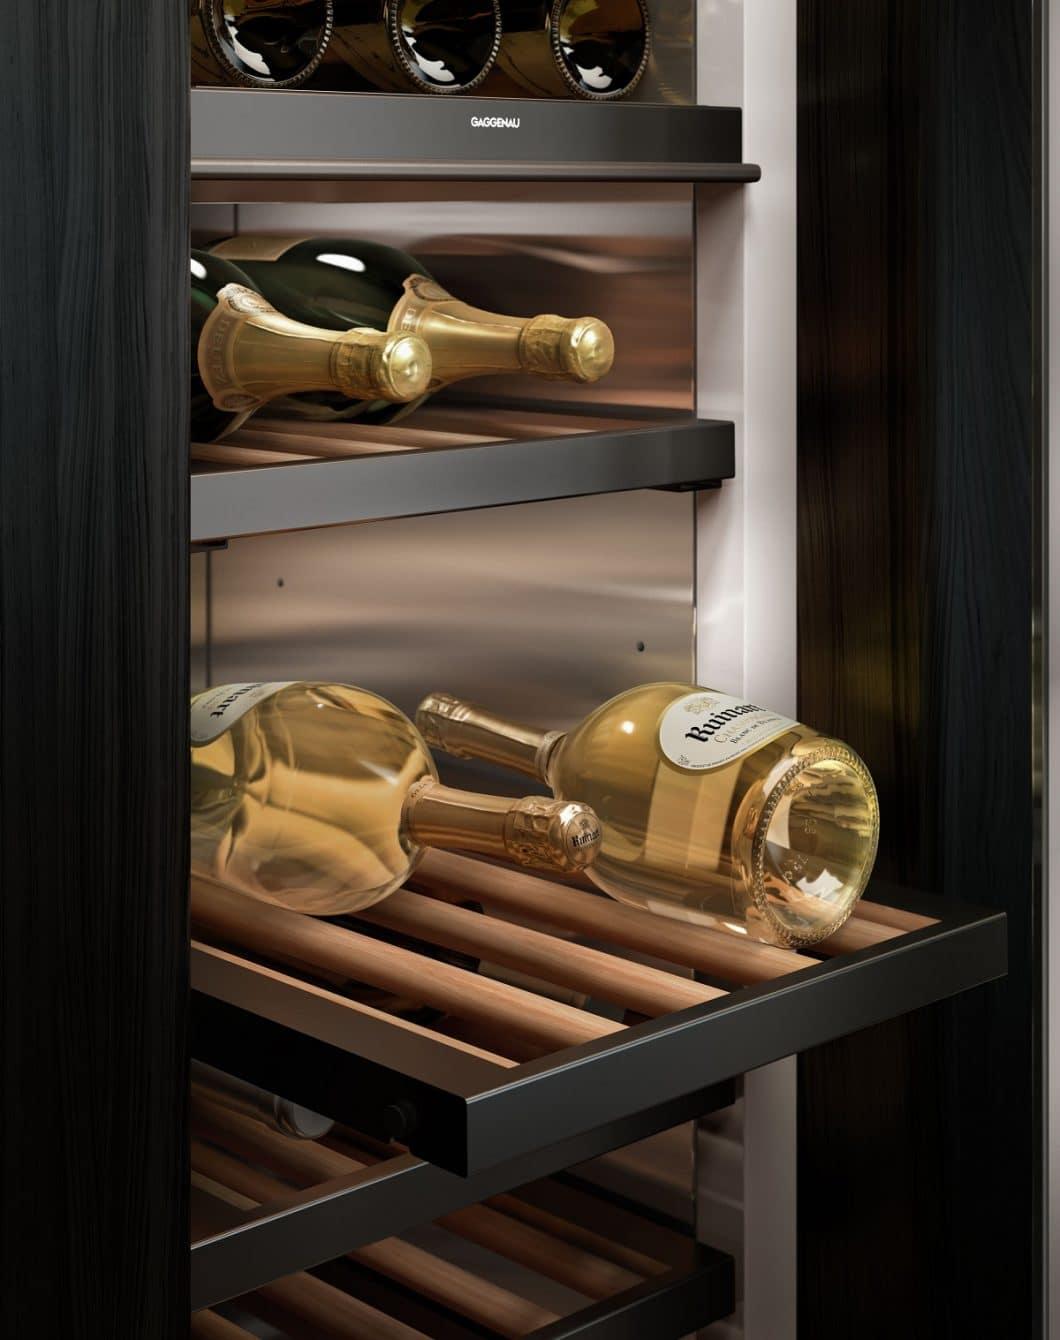 Die Weinklimaschränke der Gaggenau Vario Kühlgeräte-Serie 400 sind mit massiven Eichenholzstäben und 5 verschiedenen Beleuchtungsmodi ausgestattet. (Foto: Gaggenau Hausgeräte)